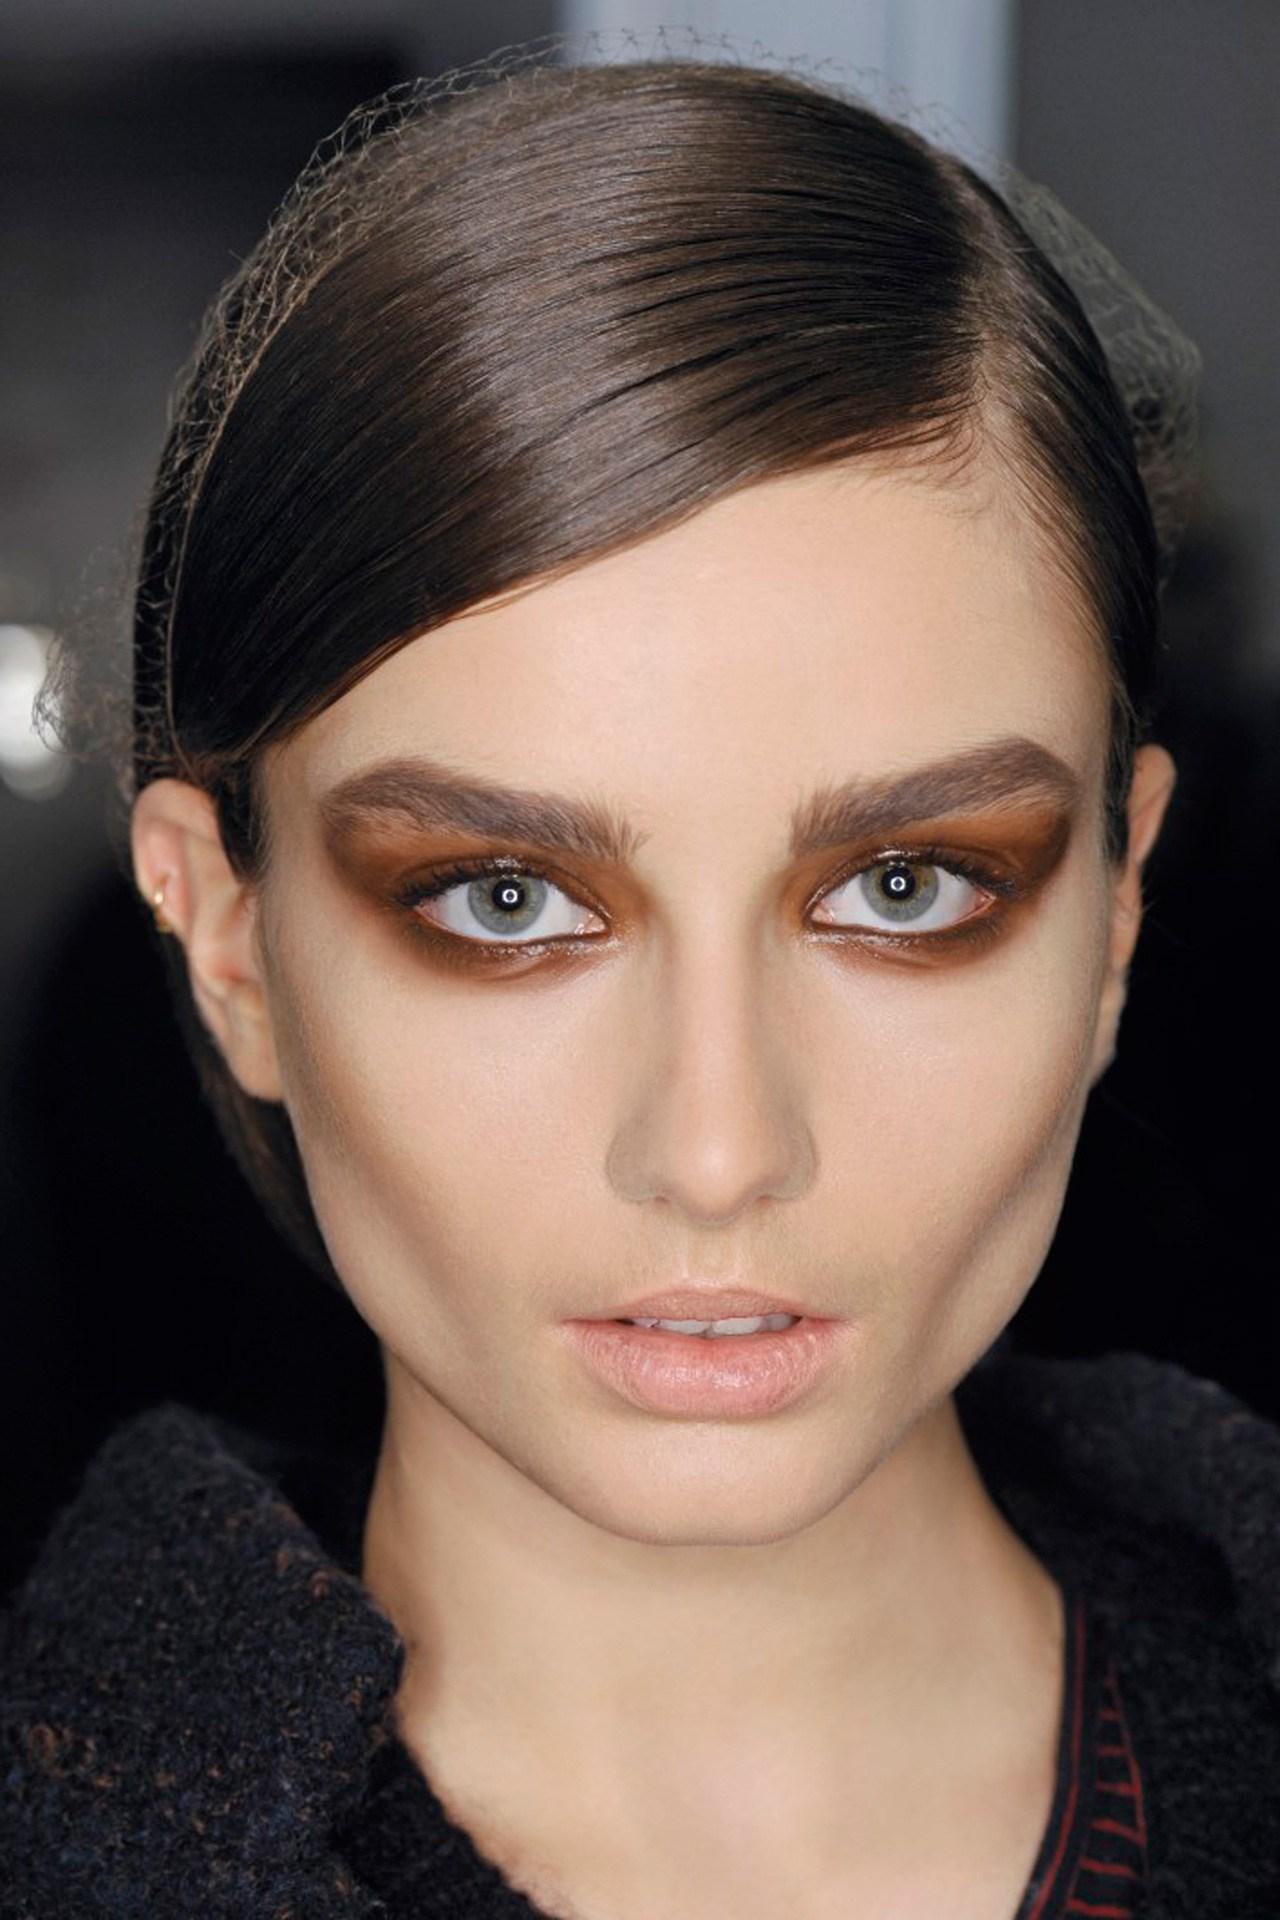 eye-trend-tom-ford-vogue-22nov13-JAMES-COCHRANE